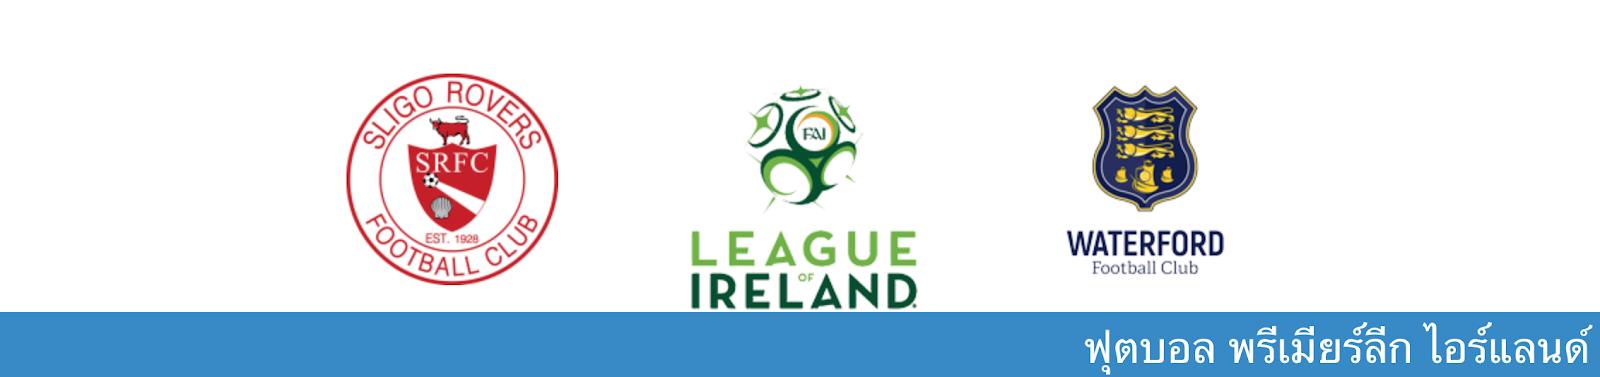 ผลบอล วิเคราะห์บอล ไอร์แลนด์ พรีเมียร์ลีก สลิโก้ โรเวอร์ส vs วอเตอร์ฟอร์ด